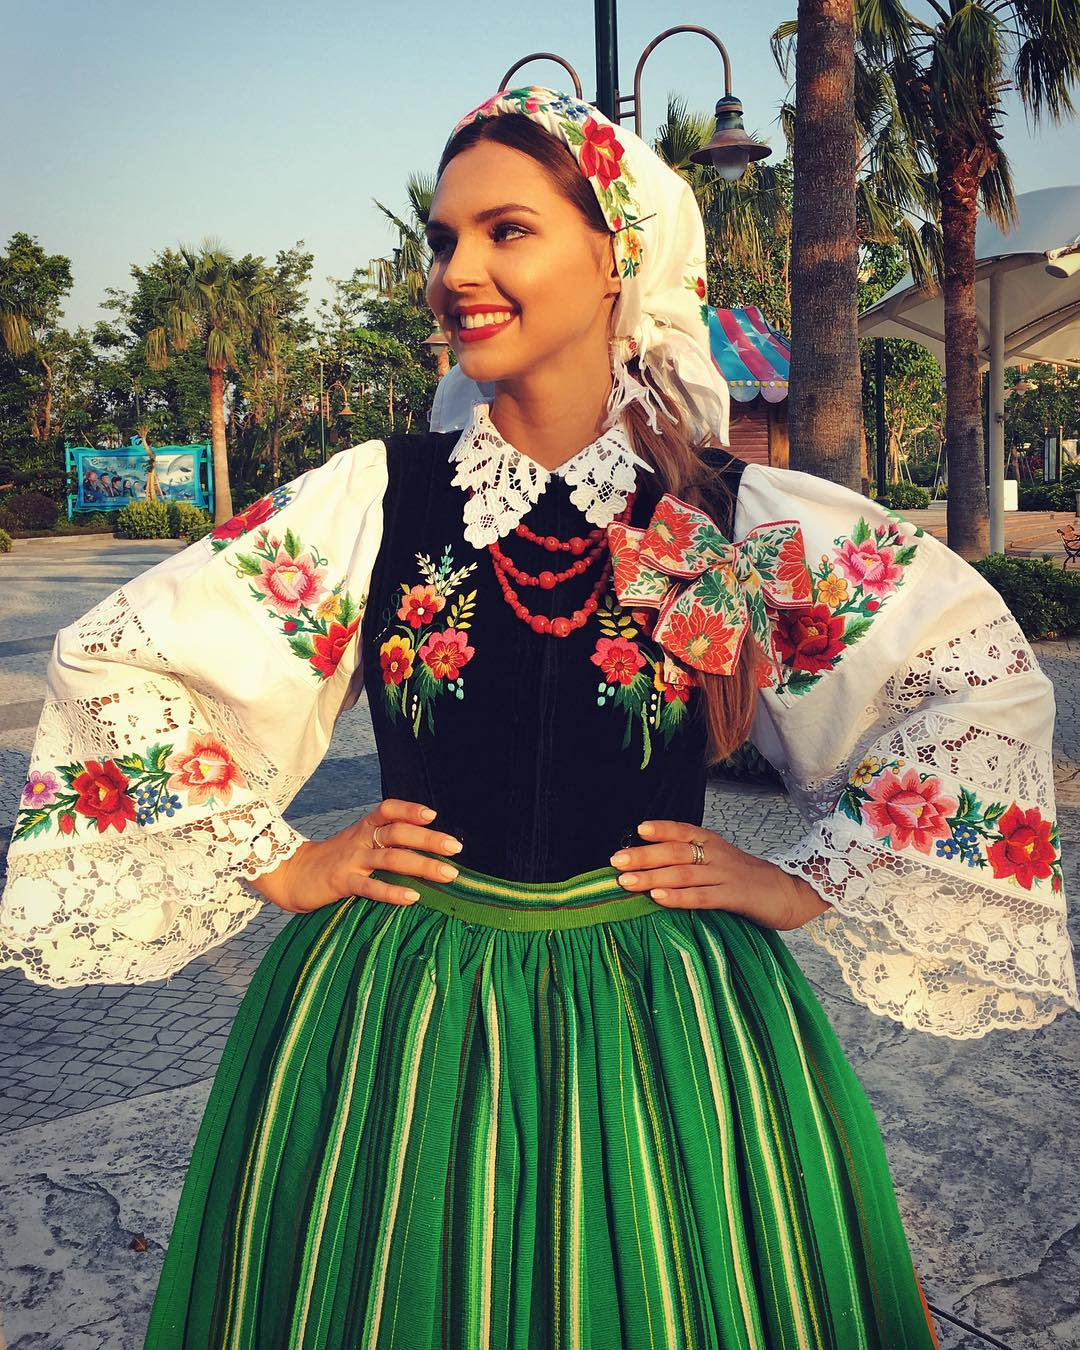 magdalena bienkowska, 2nd runner-up de miss supranational 2018/top 40 de miss world 2017/top 15 de miss international 2016. - Página 22 45997811